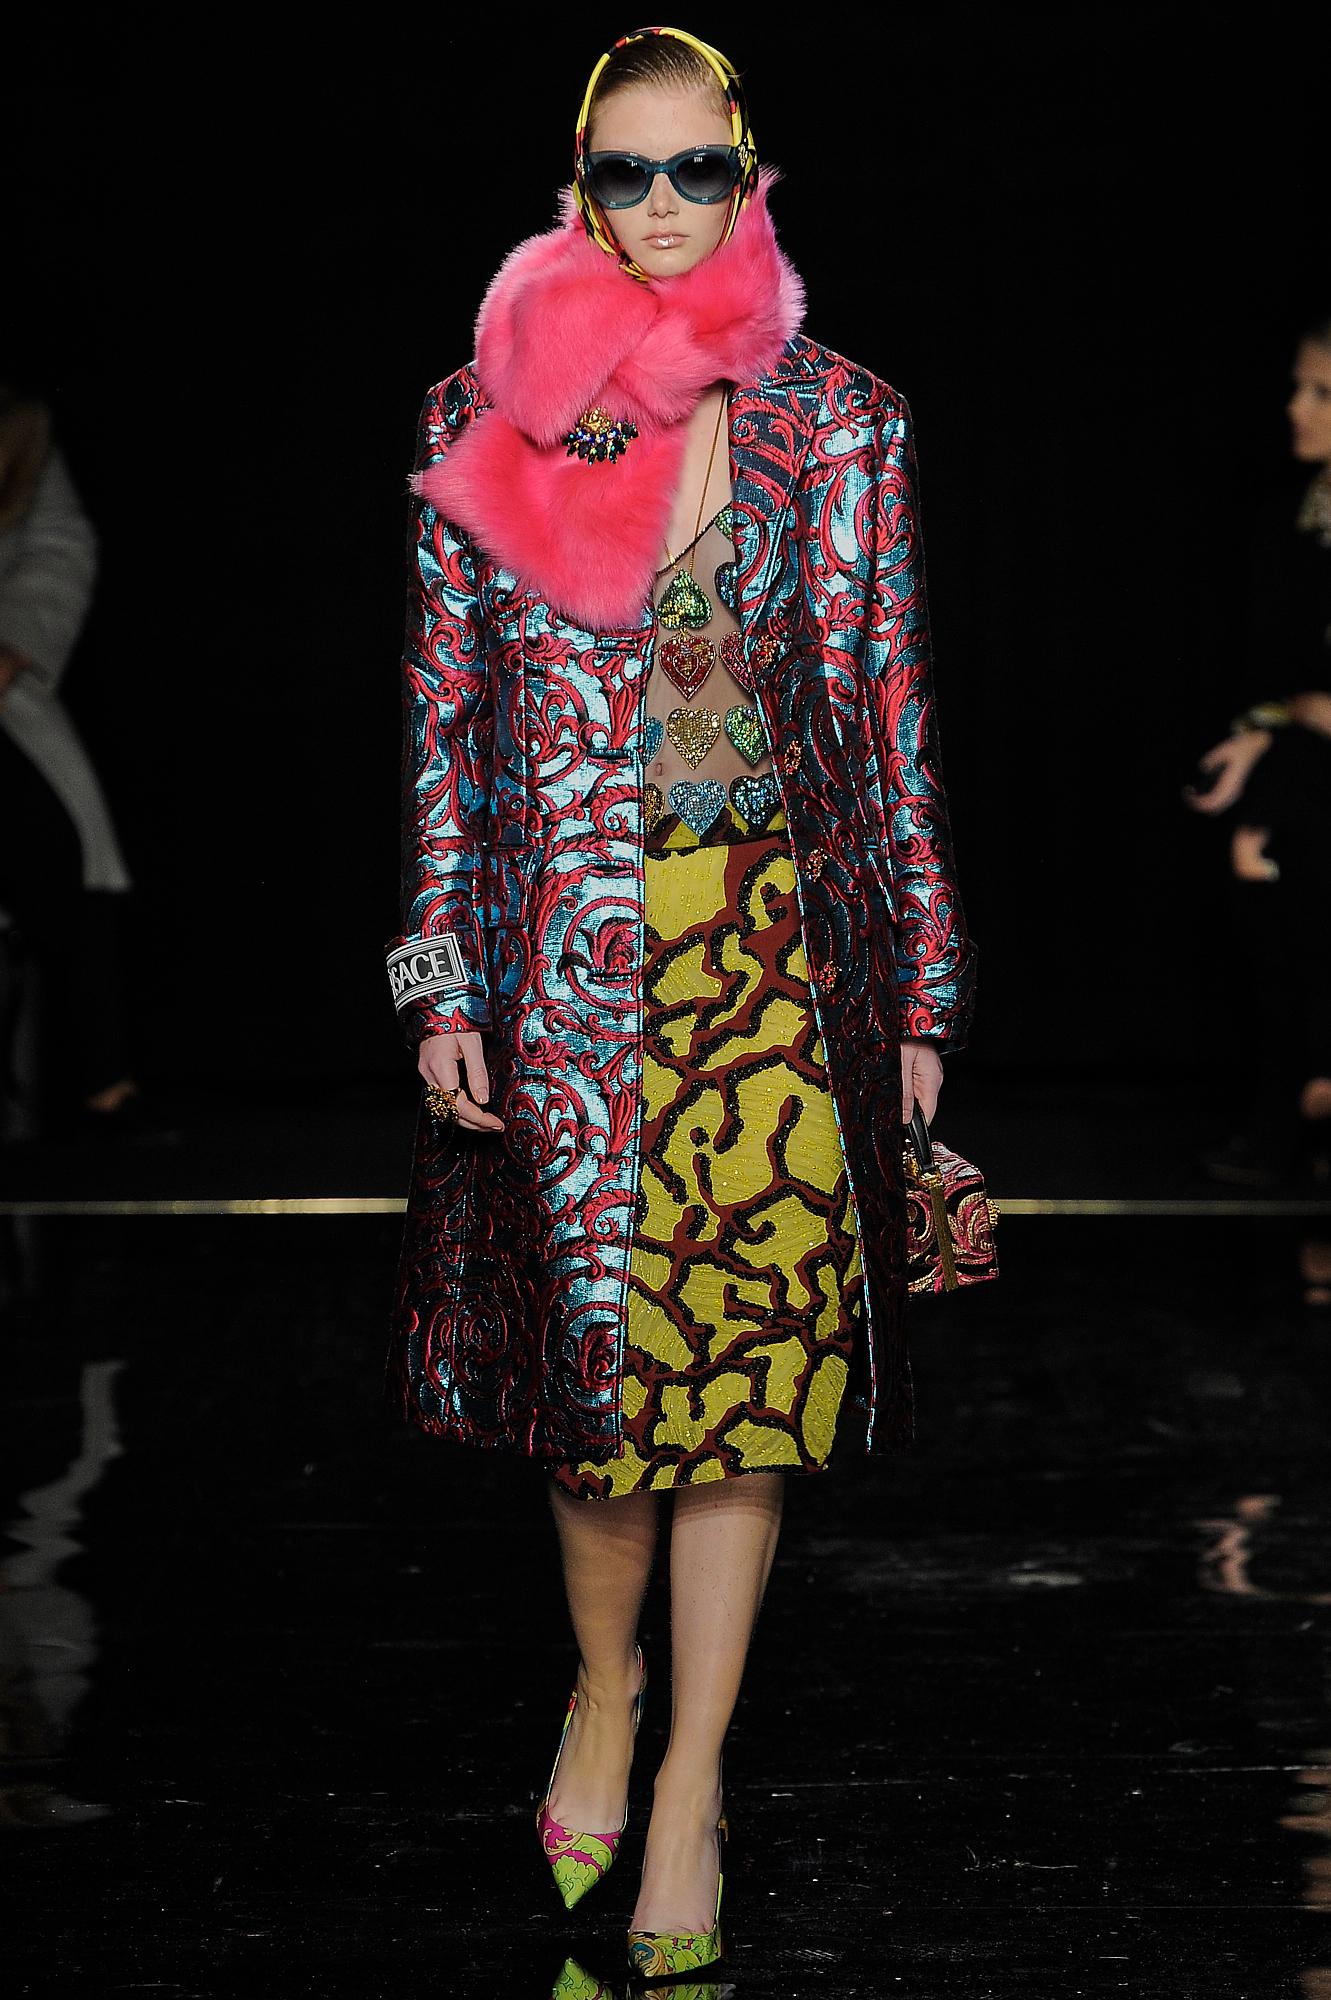 Versace_42_66_versace_runway_runway_00042.jpg